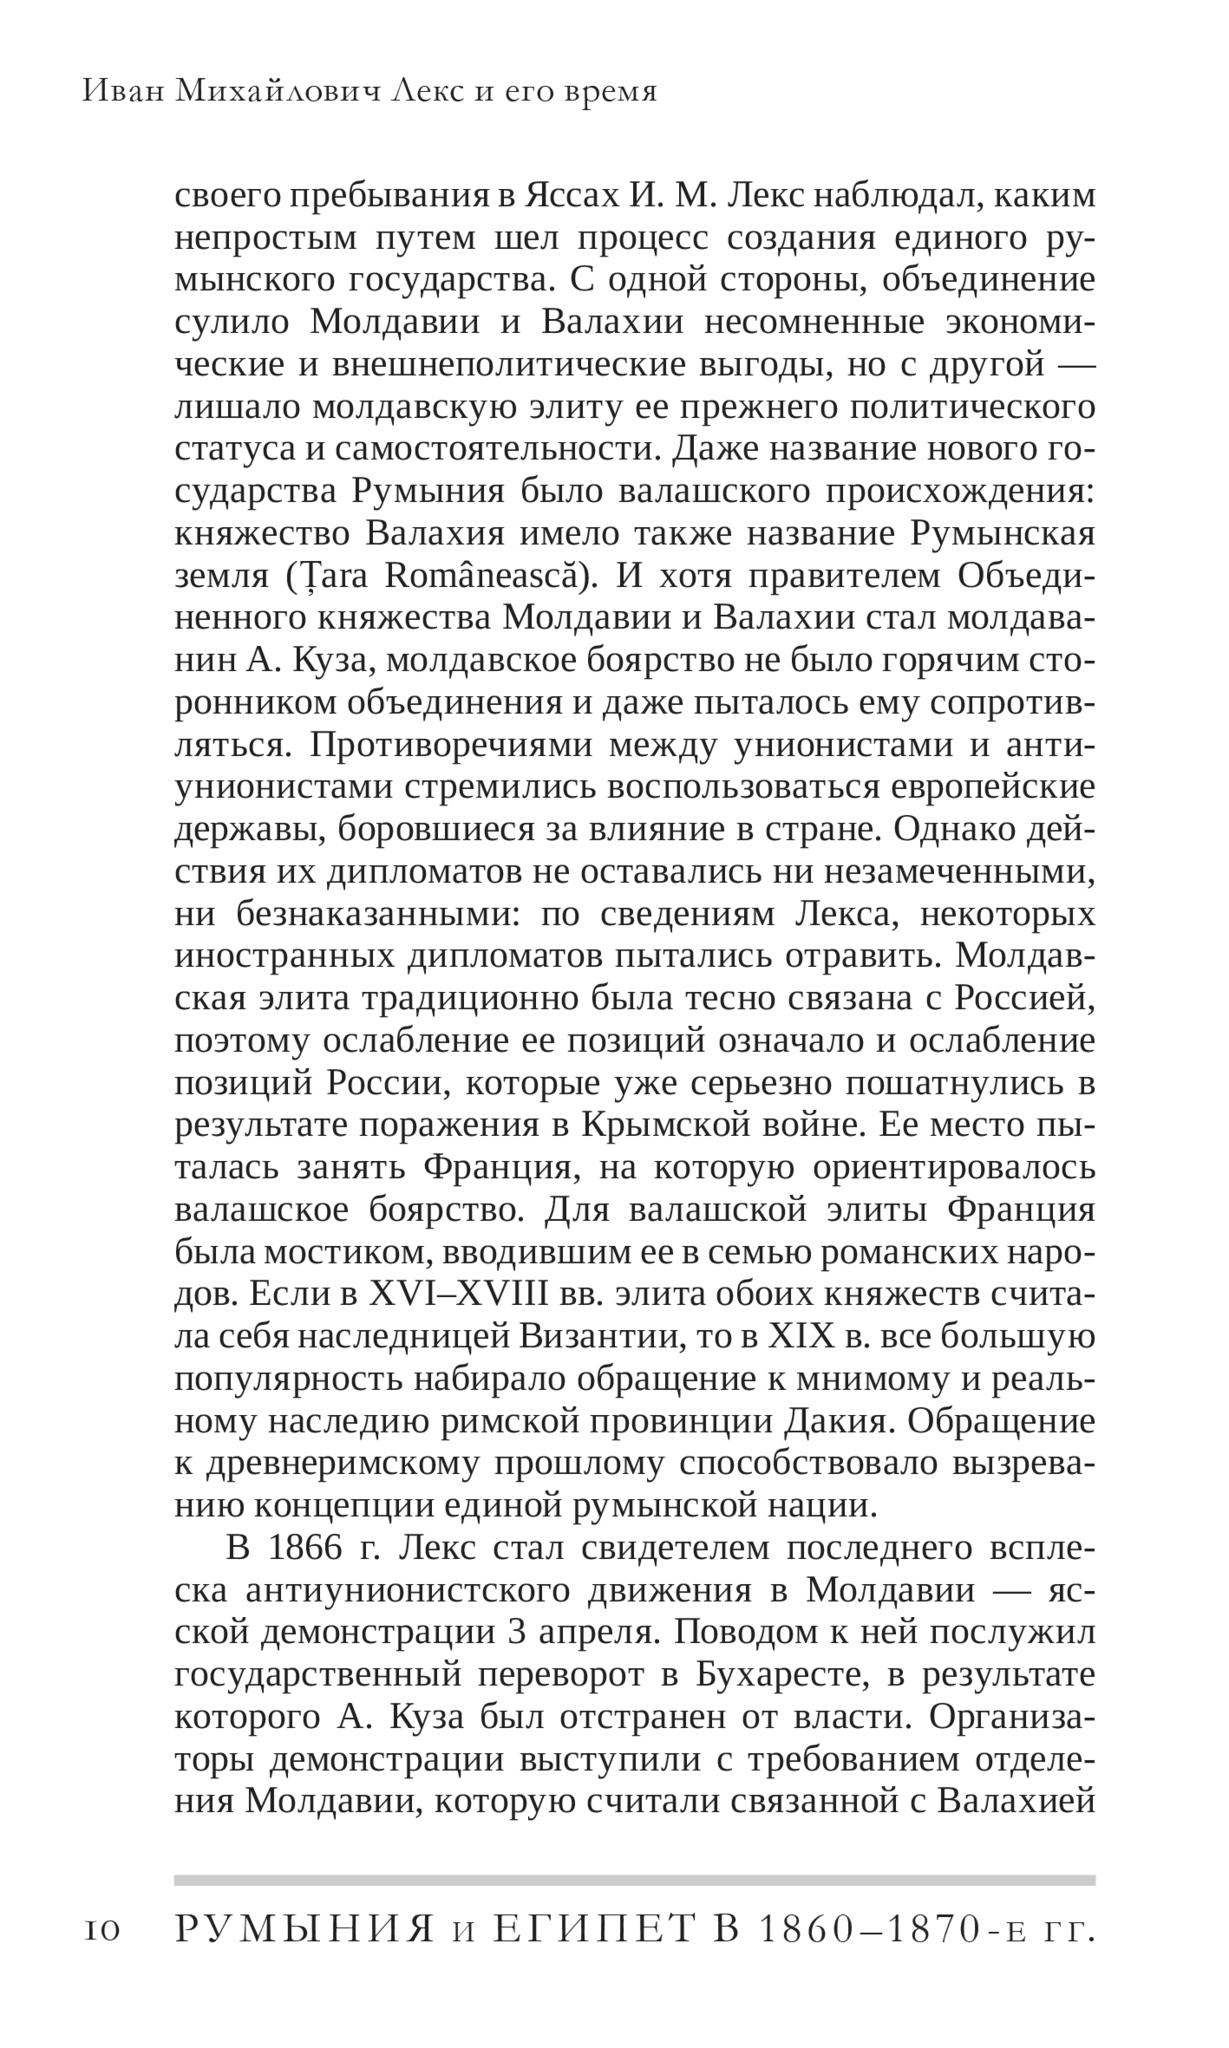 Румыния и Египет в 1860–1870-е гг. Письма российского дипломата И. М. Лекса к Н. П. Игнатьеву.Копировать товар с. 26